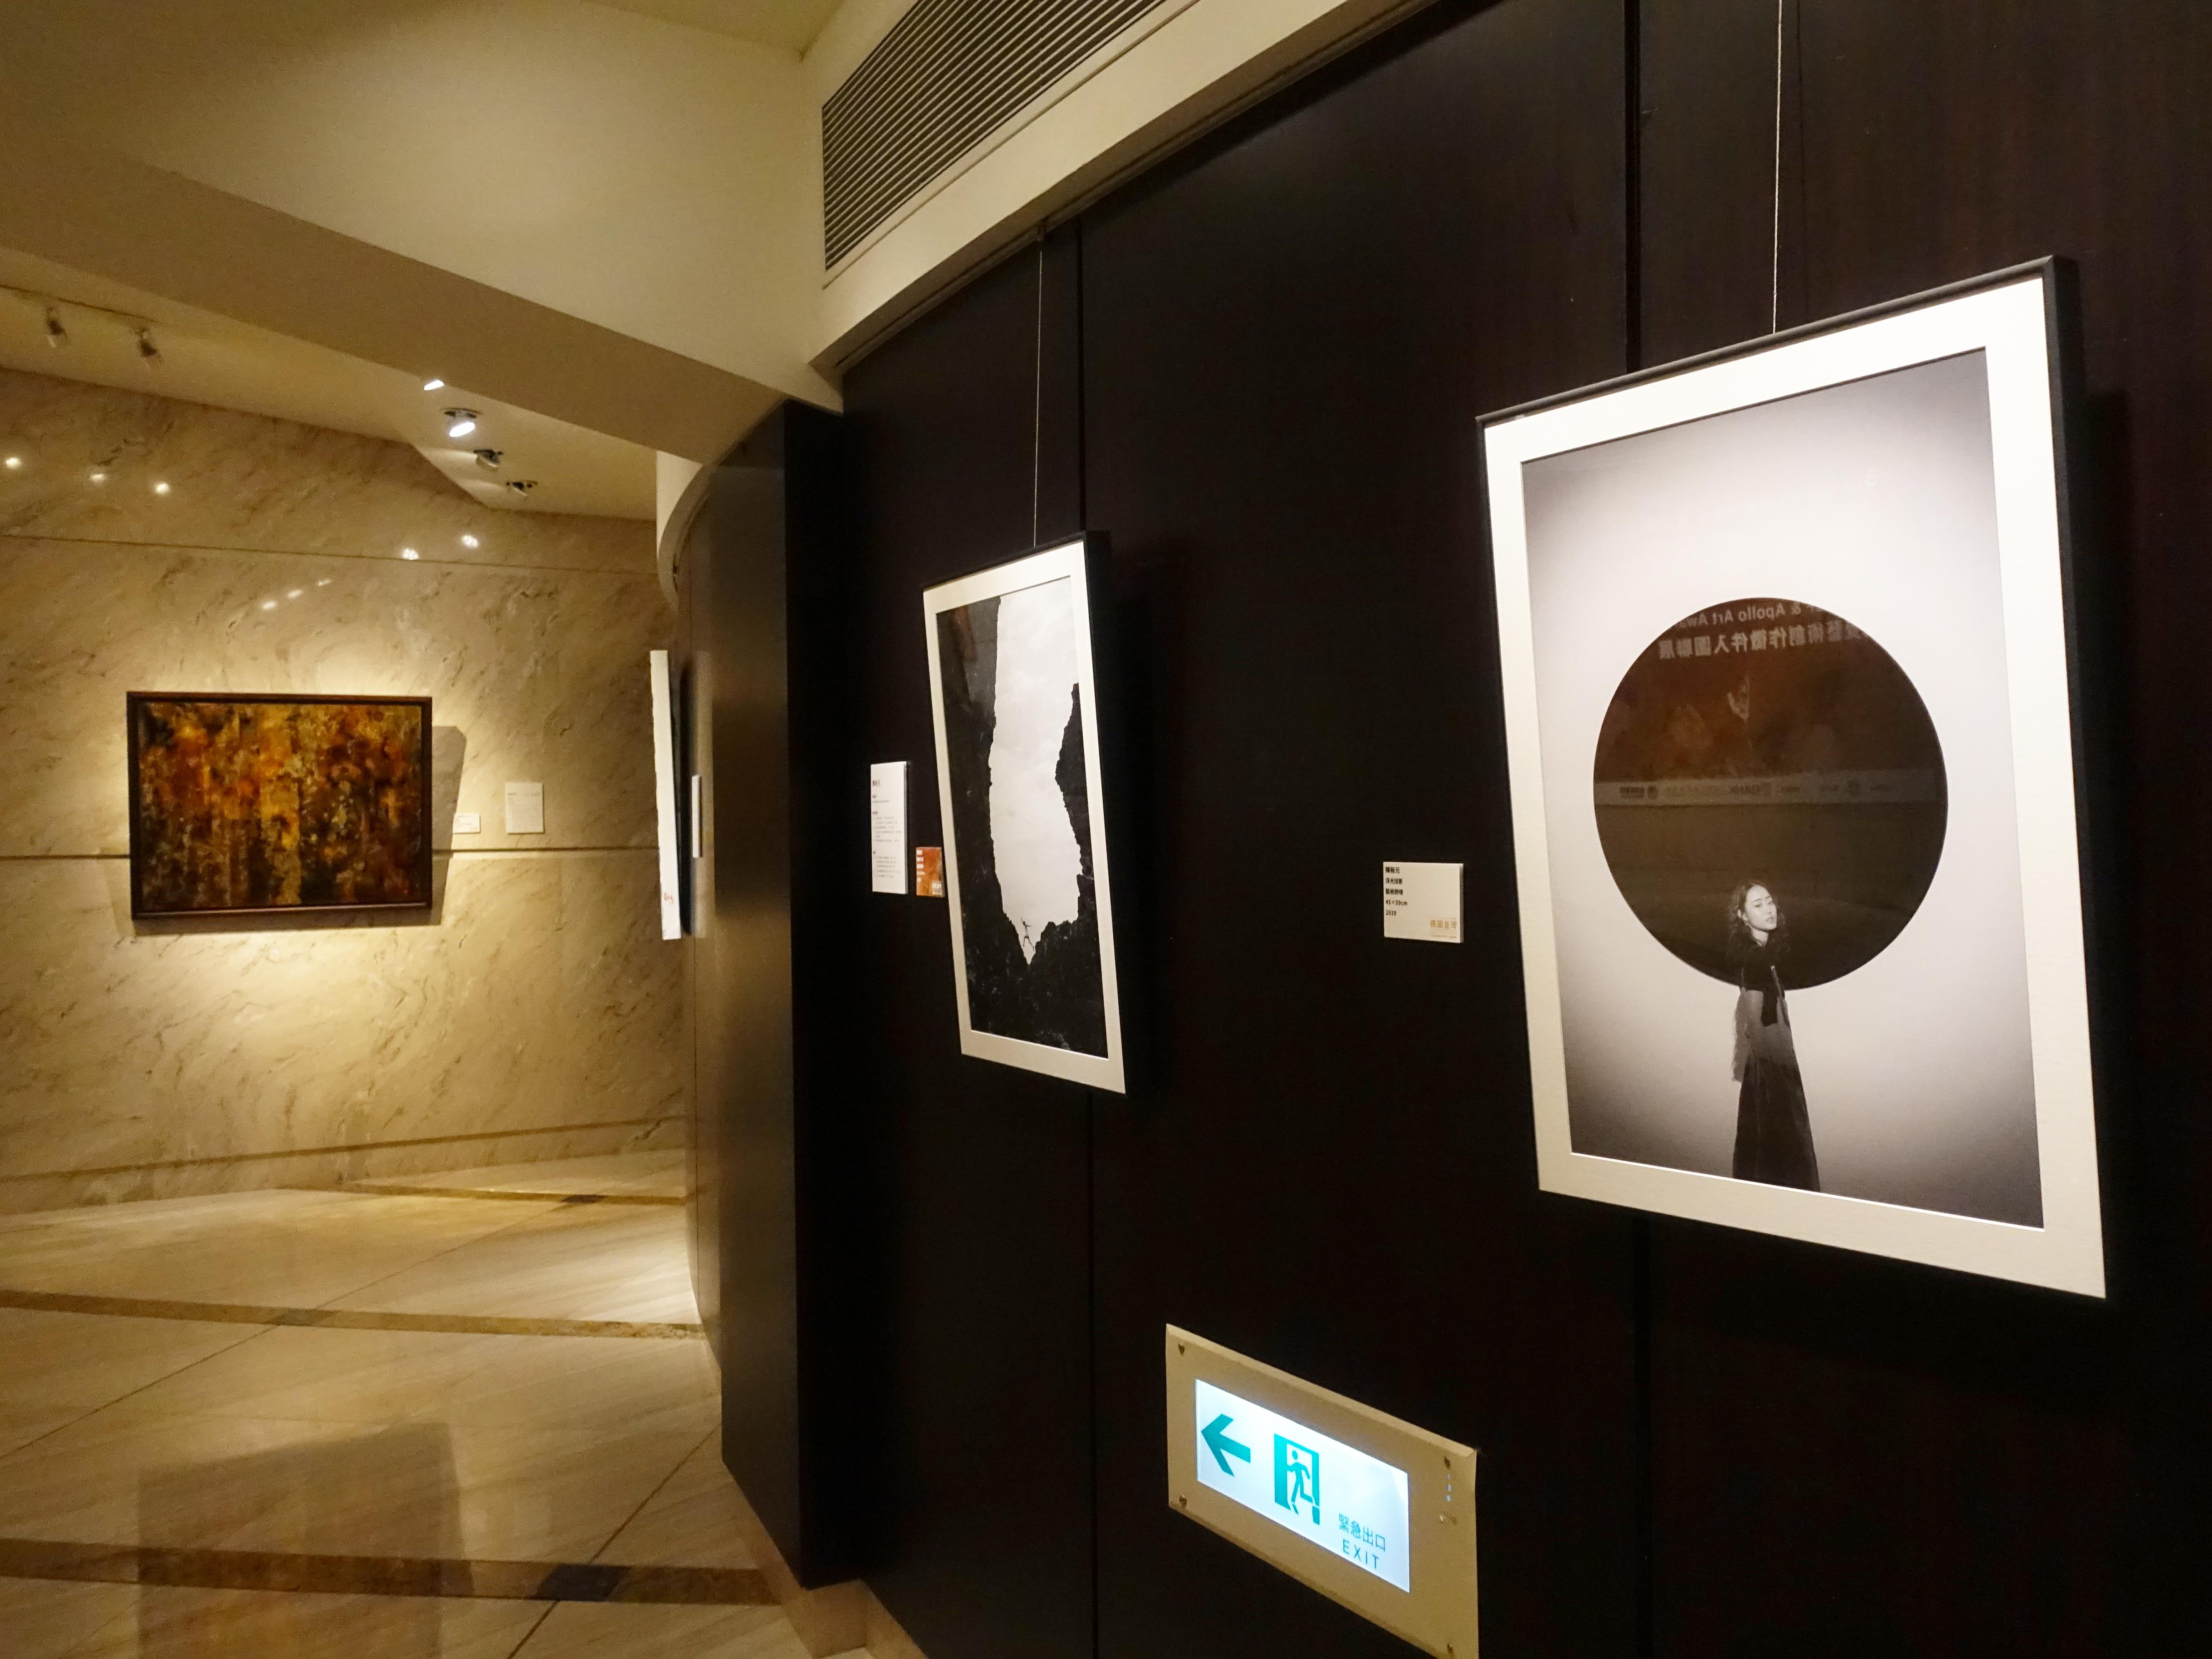 王道銀行基金會展出第三屆【構圖‧臺灣】視覺藝術創作徵件入圍聯展。